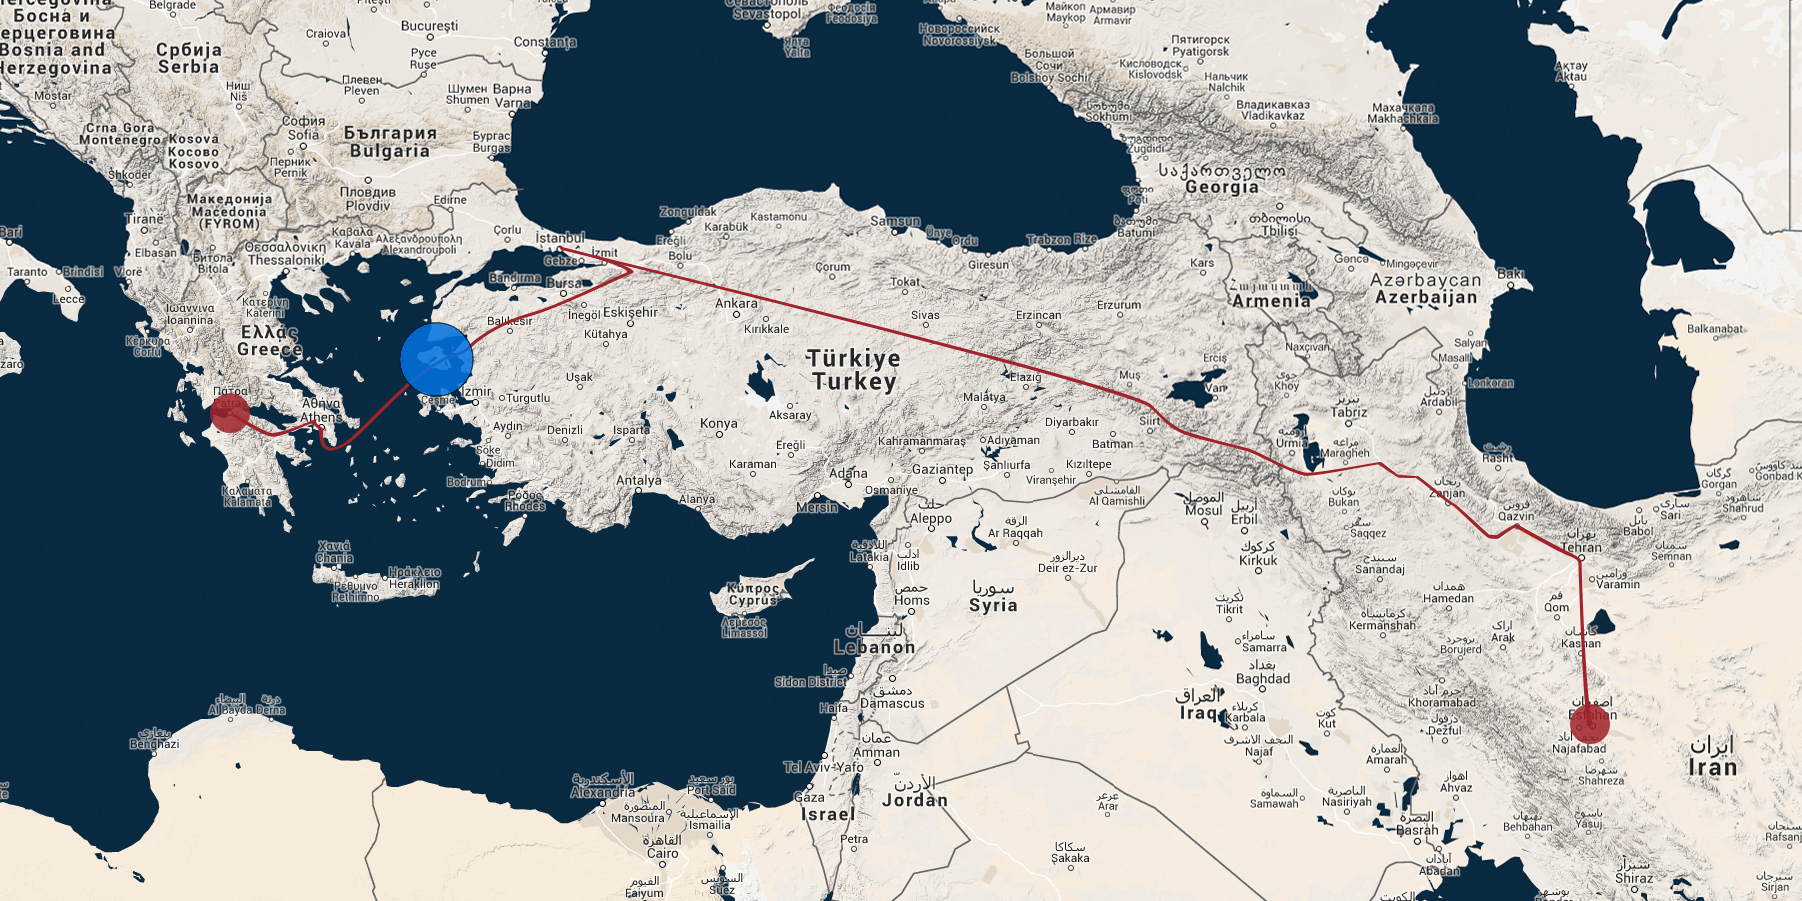 Die ungefähre Route von Javeds Flucht aus dem Iran bis nach Griechenland.